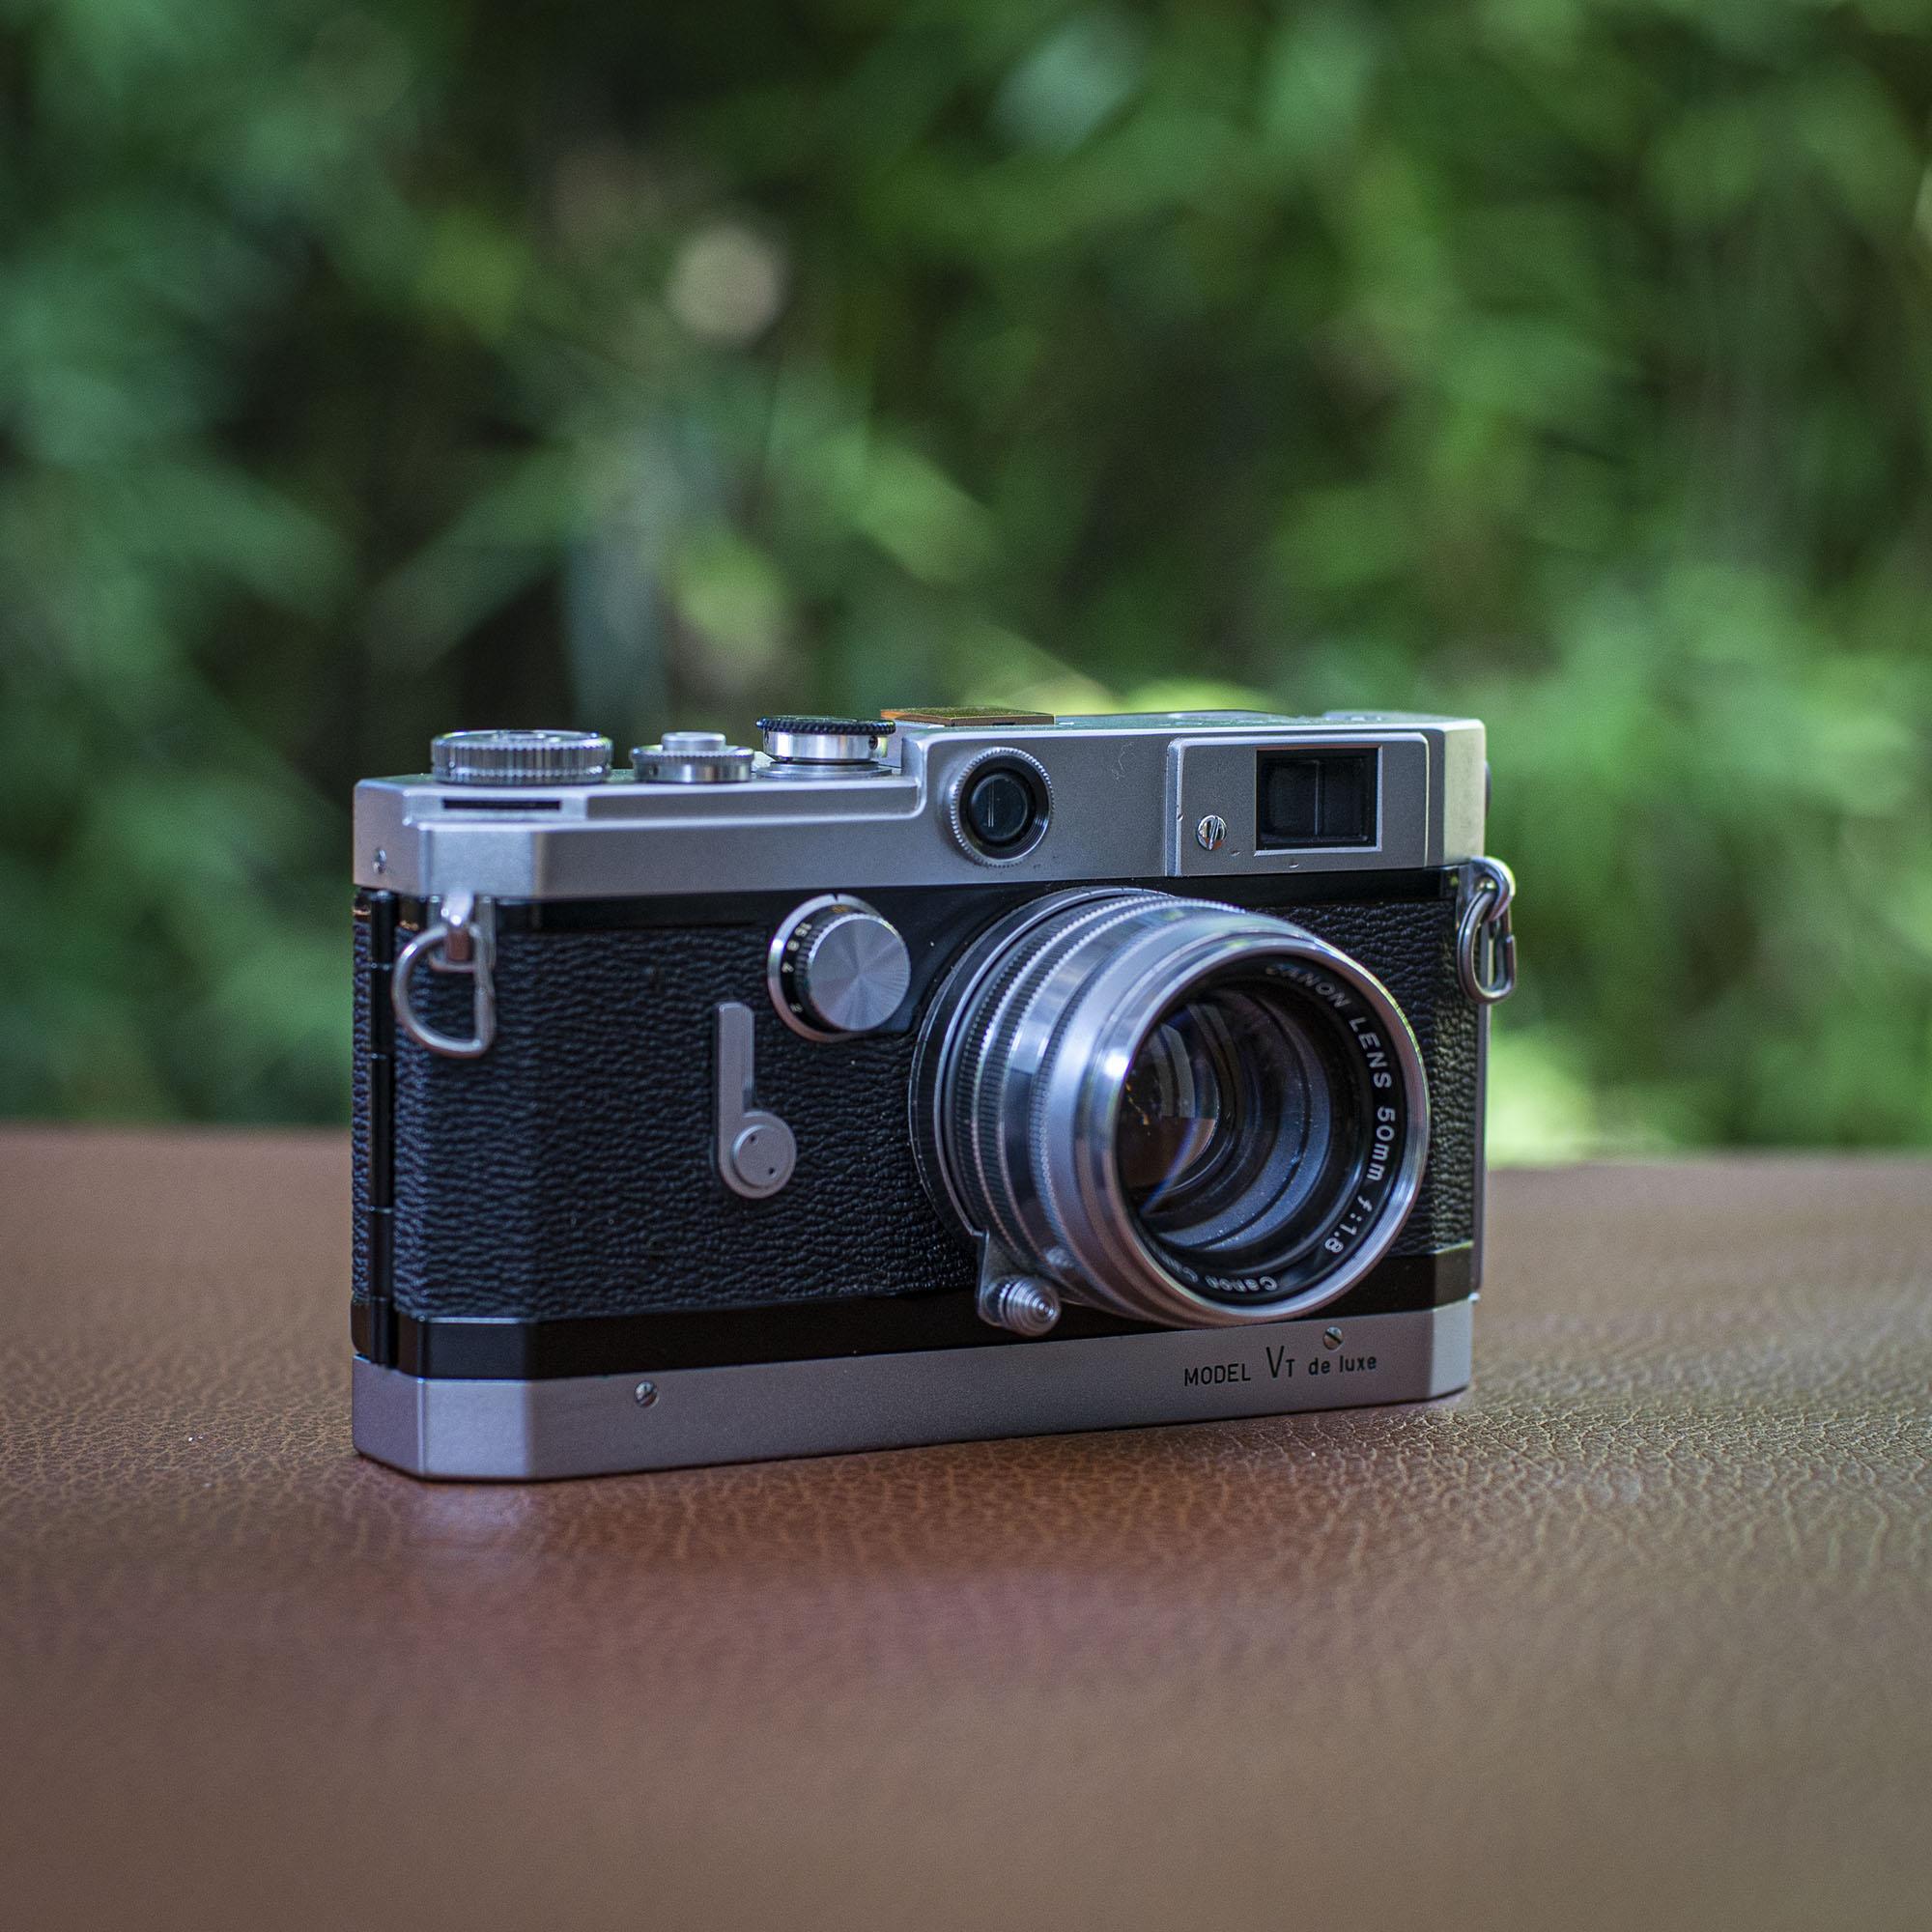 Canon VT de luxe side view